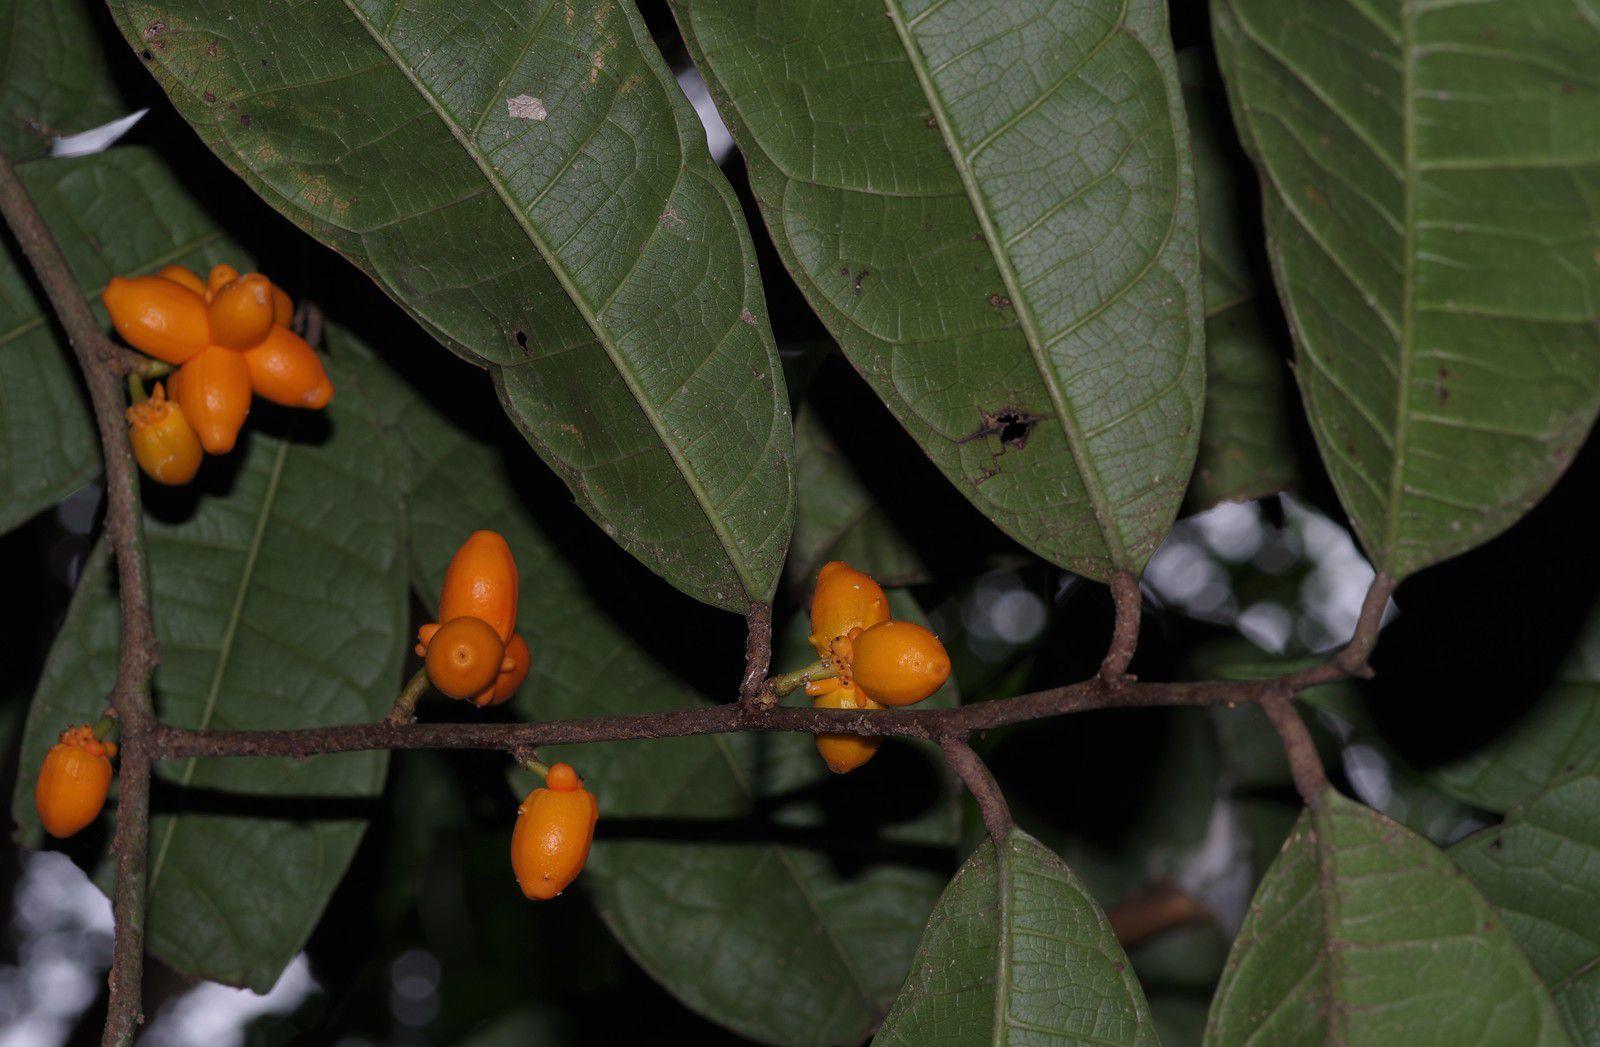 Clarisia ilicifolia